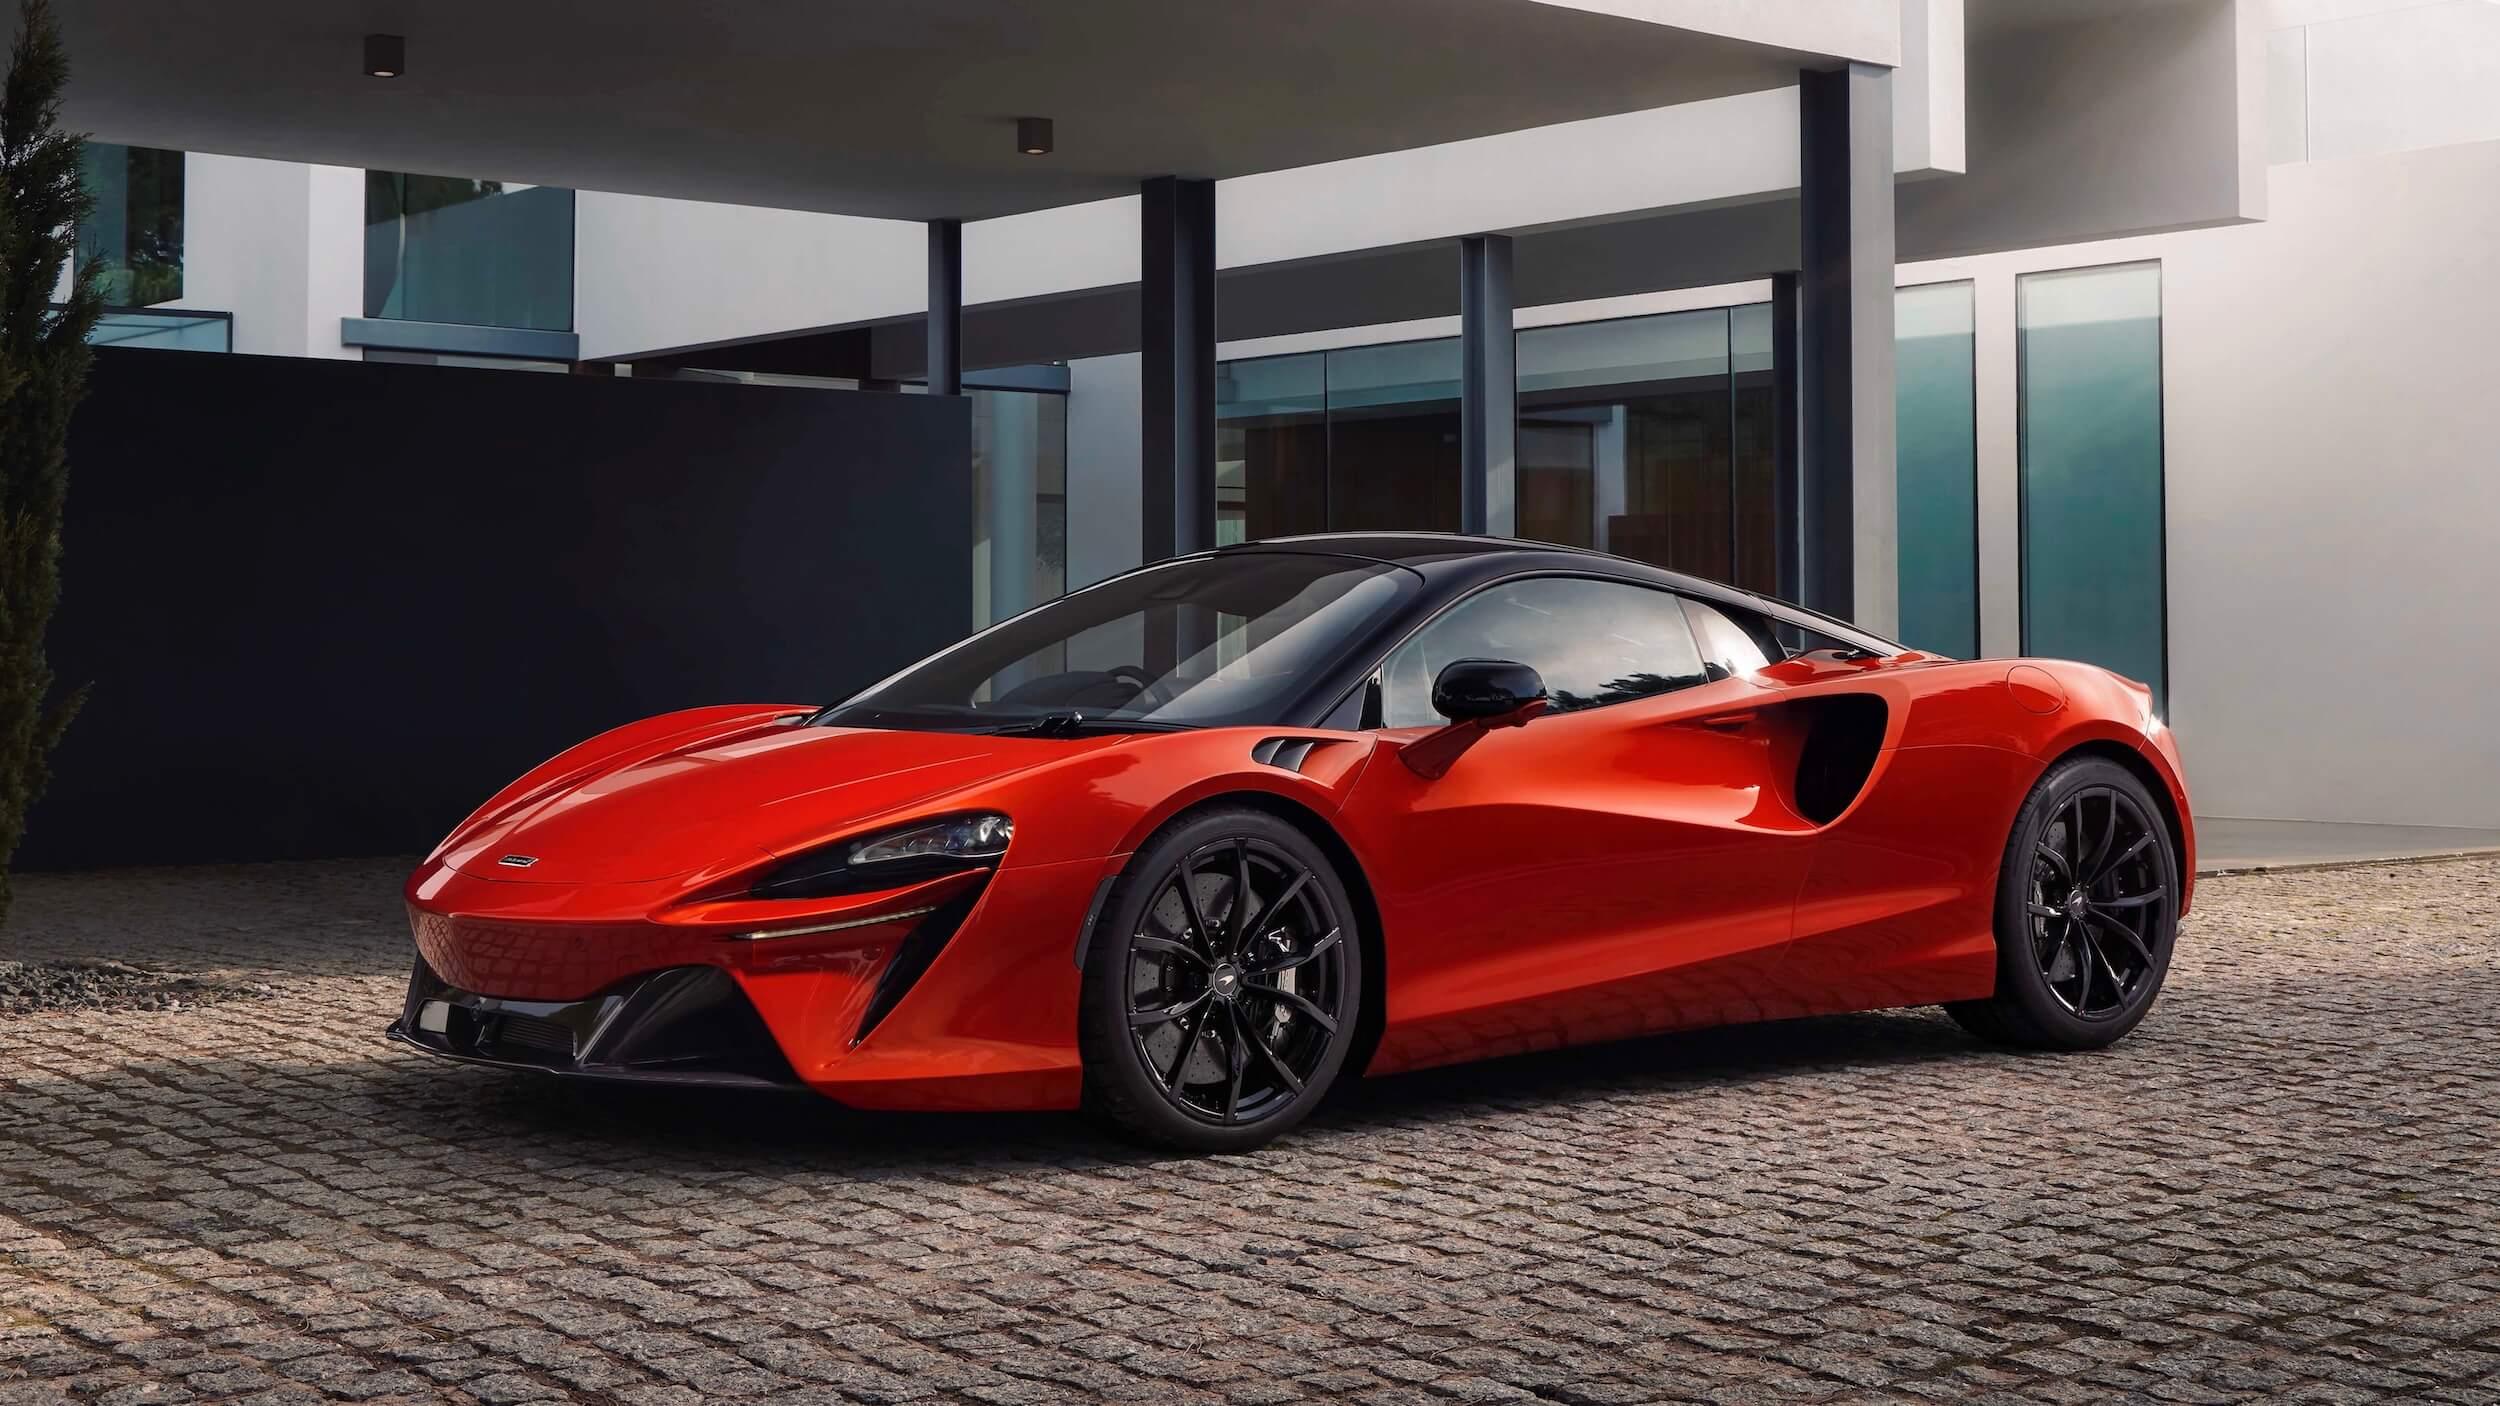 McLaren Artura vermelho